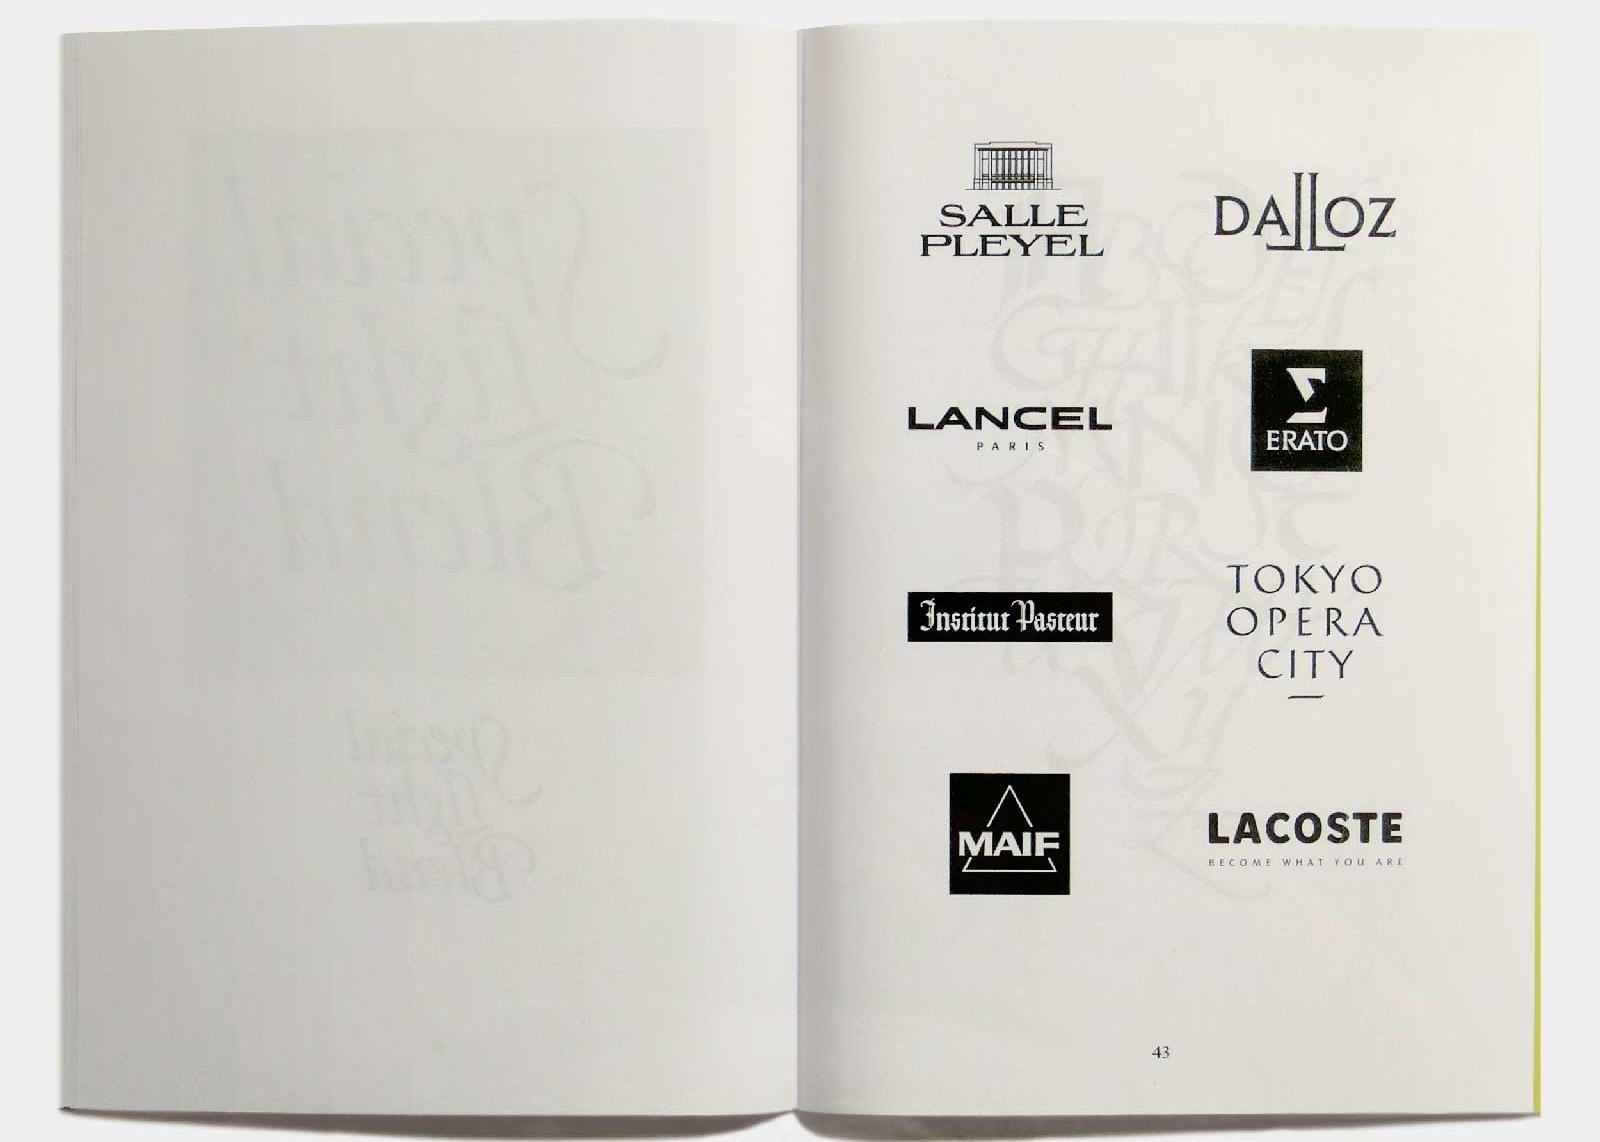 Page 43 — Sélection de 8 logotypes, Salle Pleyel (1998, Carré Noir), Dalloz (1993, Carré Noir), Lancel (1997, Gérard Barrau), Erato (Carré Noir), Institut Pasteur (Carré Noir), Tokyo Opera City (Carré Noir), Maif (1974, Carré Noir), Lacoste (1976, SNIP 4).